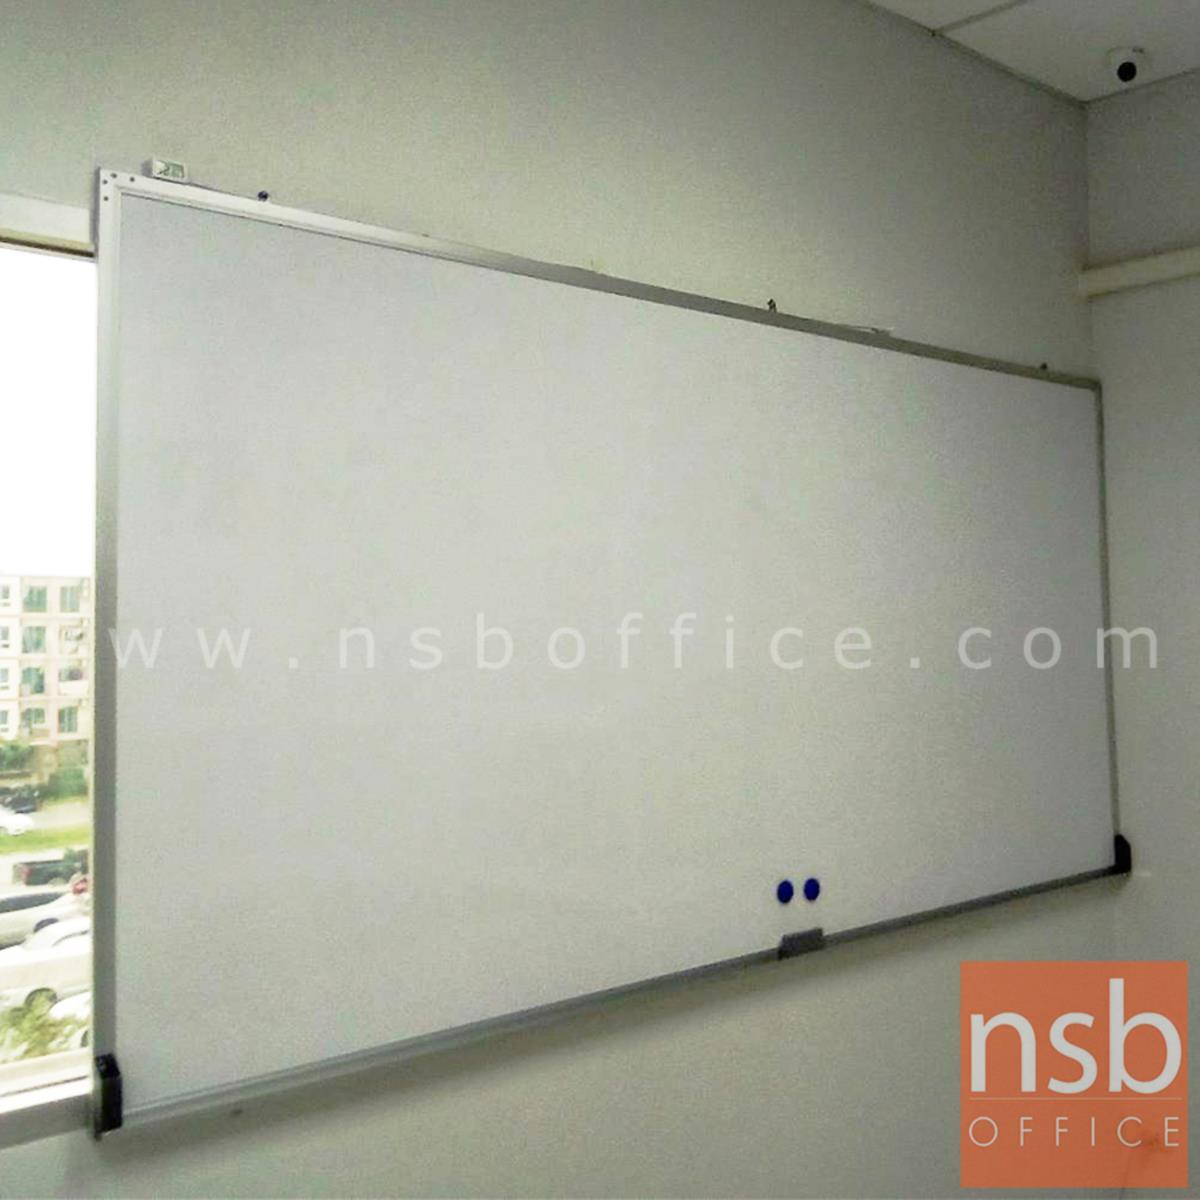 """กระดานไวท์บอร์ด White board ขนาดใหญ่   ขอบอลูมิเนียมขนาด  1"""" * 1/2"""" นิ้ว (พร้อมงานติดตั้งบนผนัง)"""